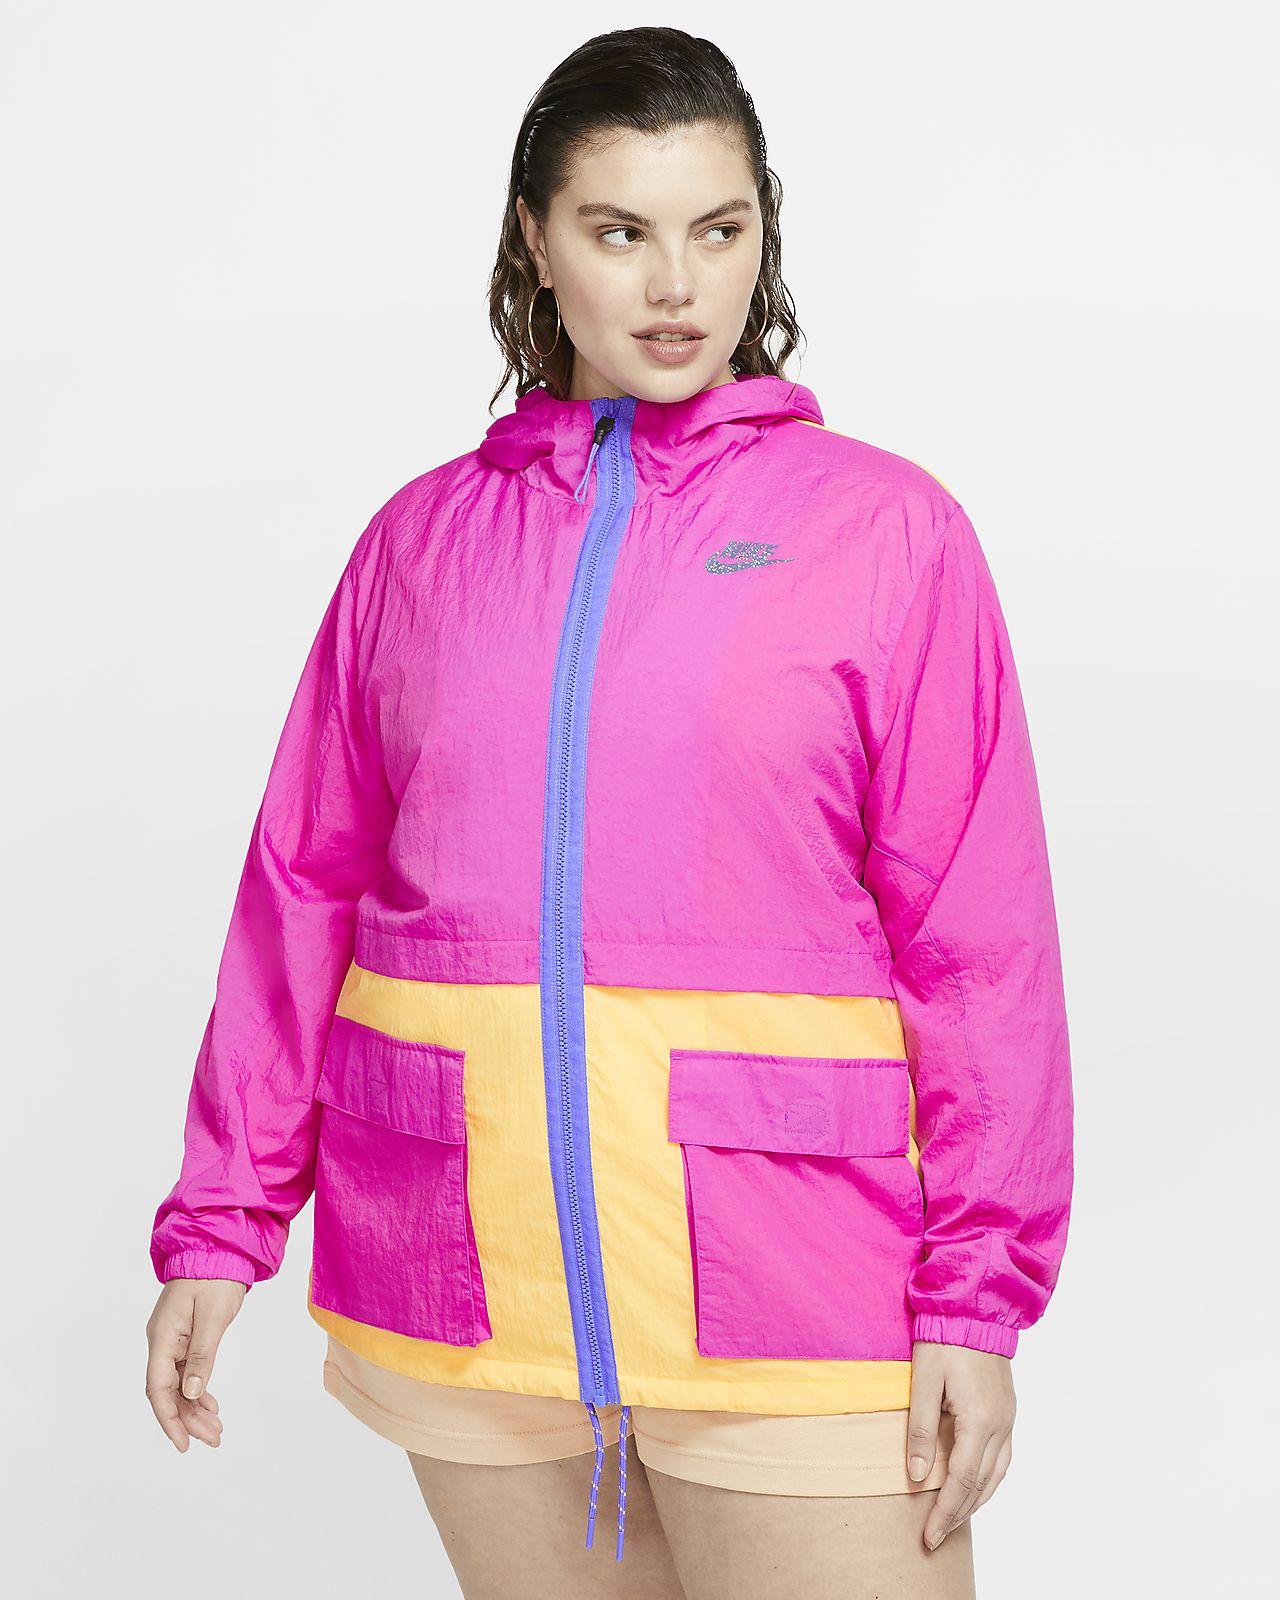 Chamarra de tejido Woven para mujer Nike Sportswear Icon Clash (talla grande)